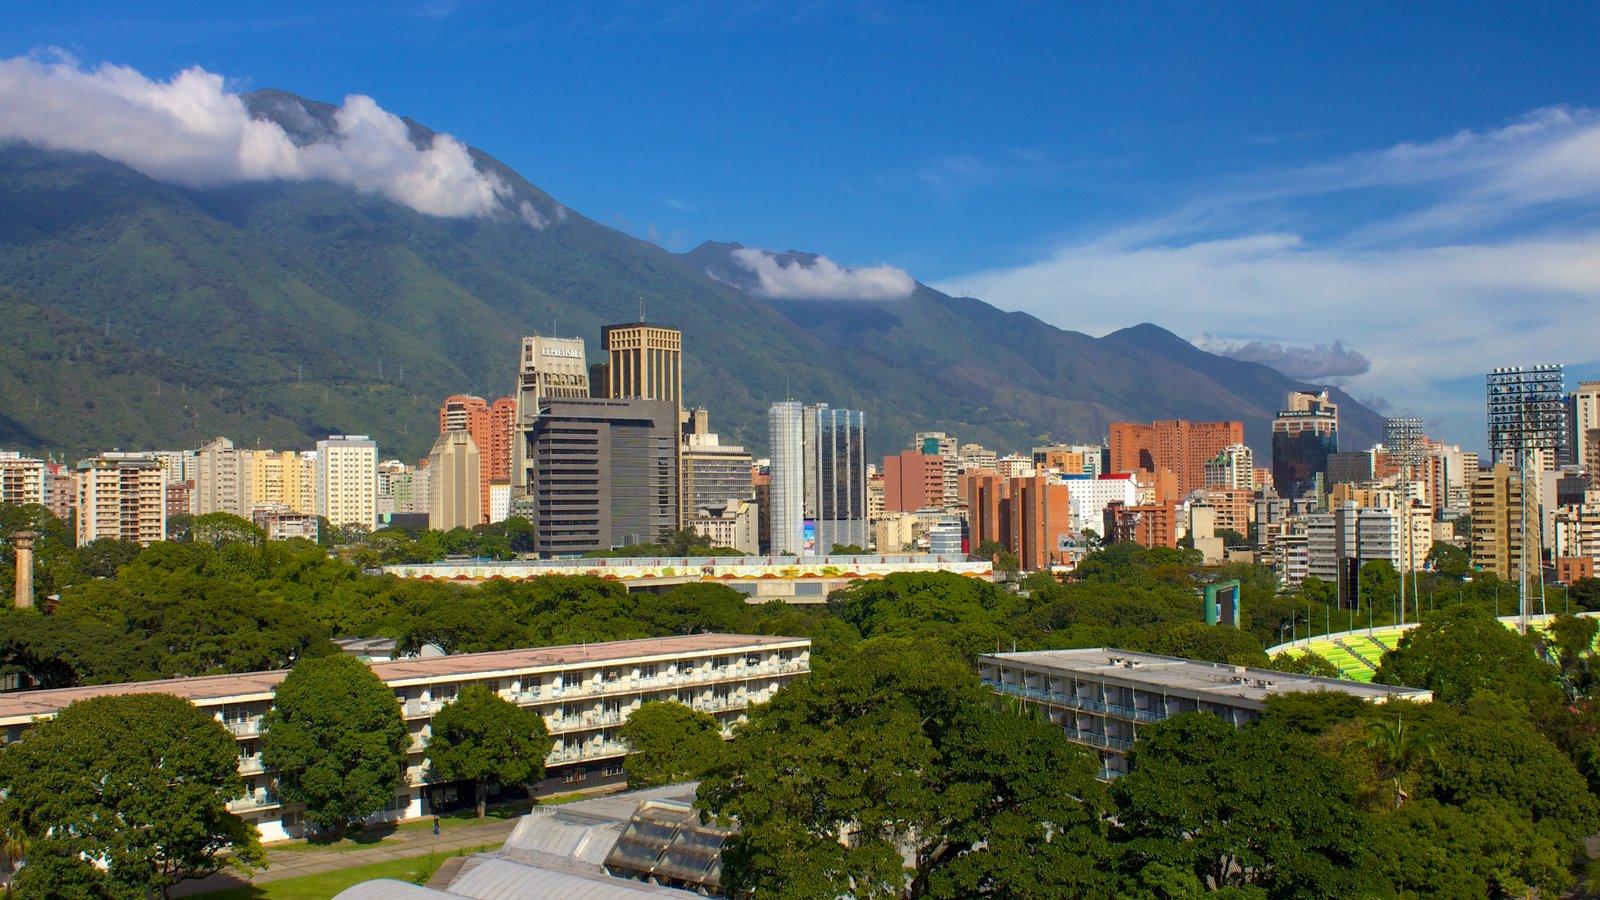 Universidade Central da Venezuela que inclui uma cidade